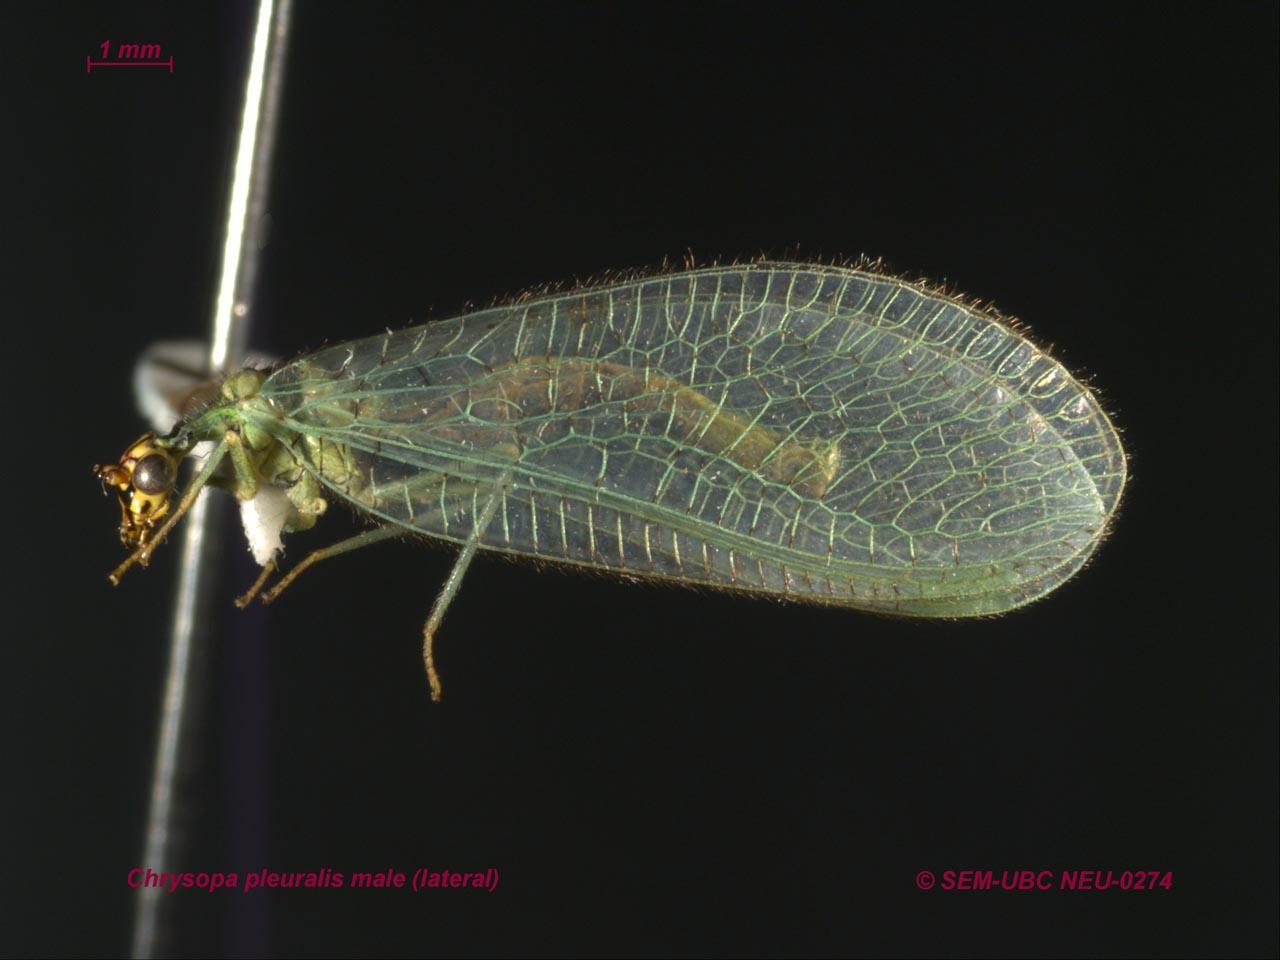 Bộ sưu tập côn trùng 2 - Page 24 Chrysopa%20pleuralis%20male%20(3lateral)